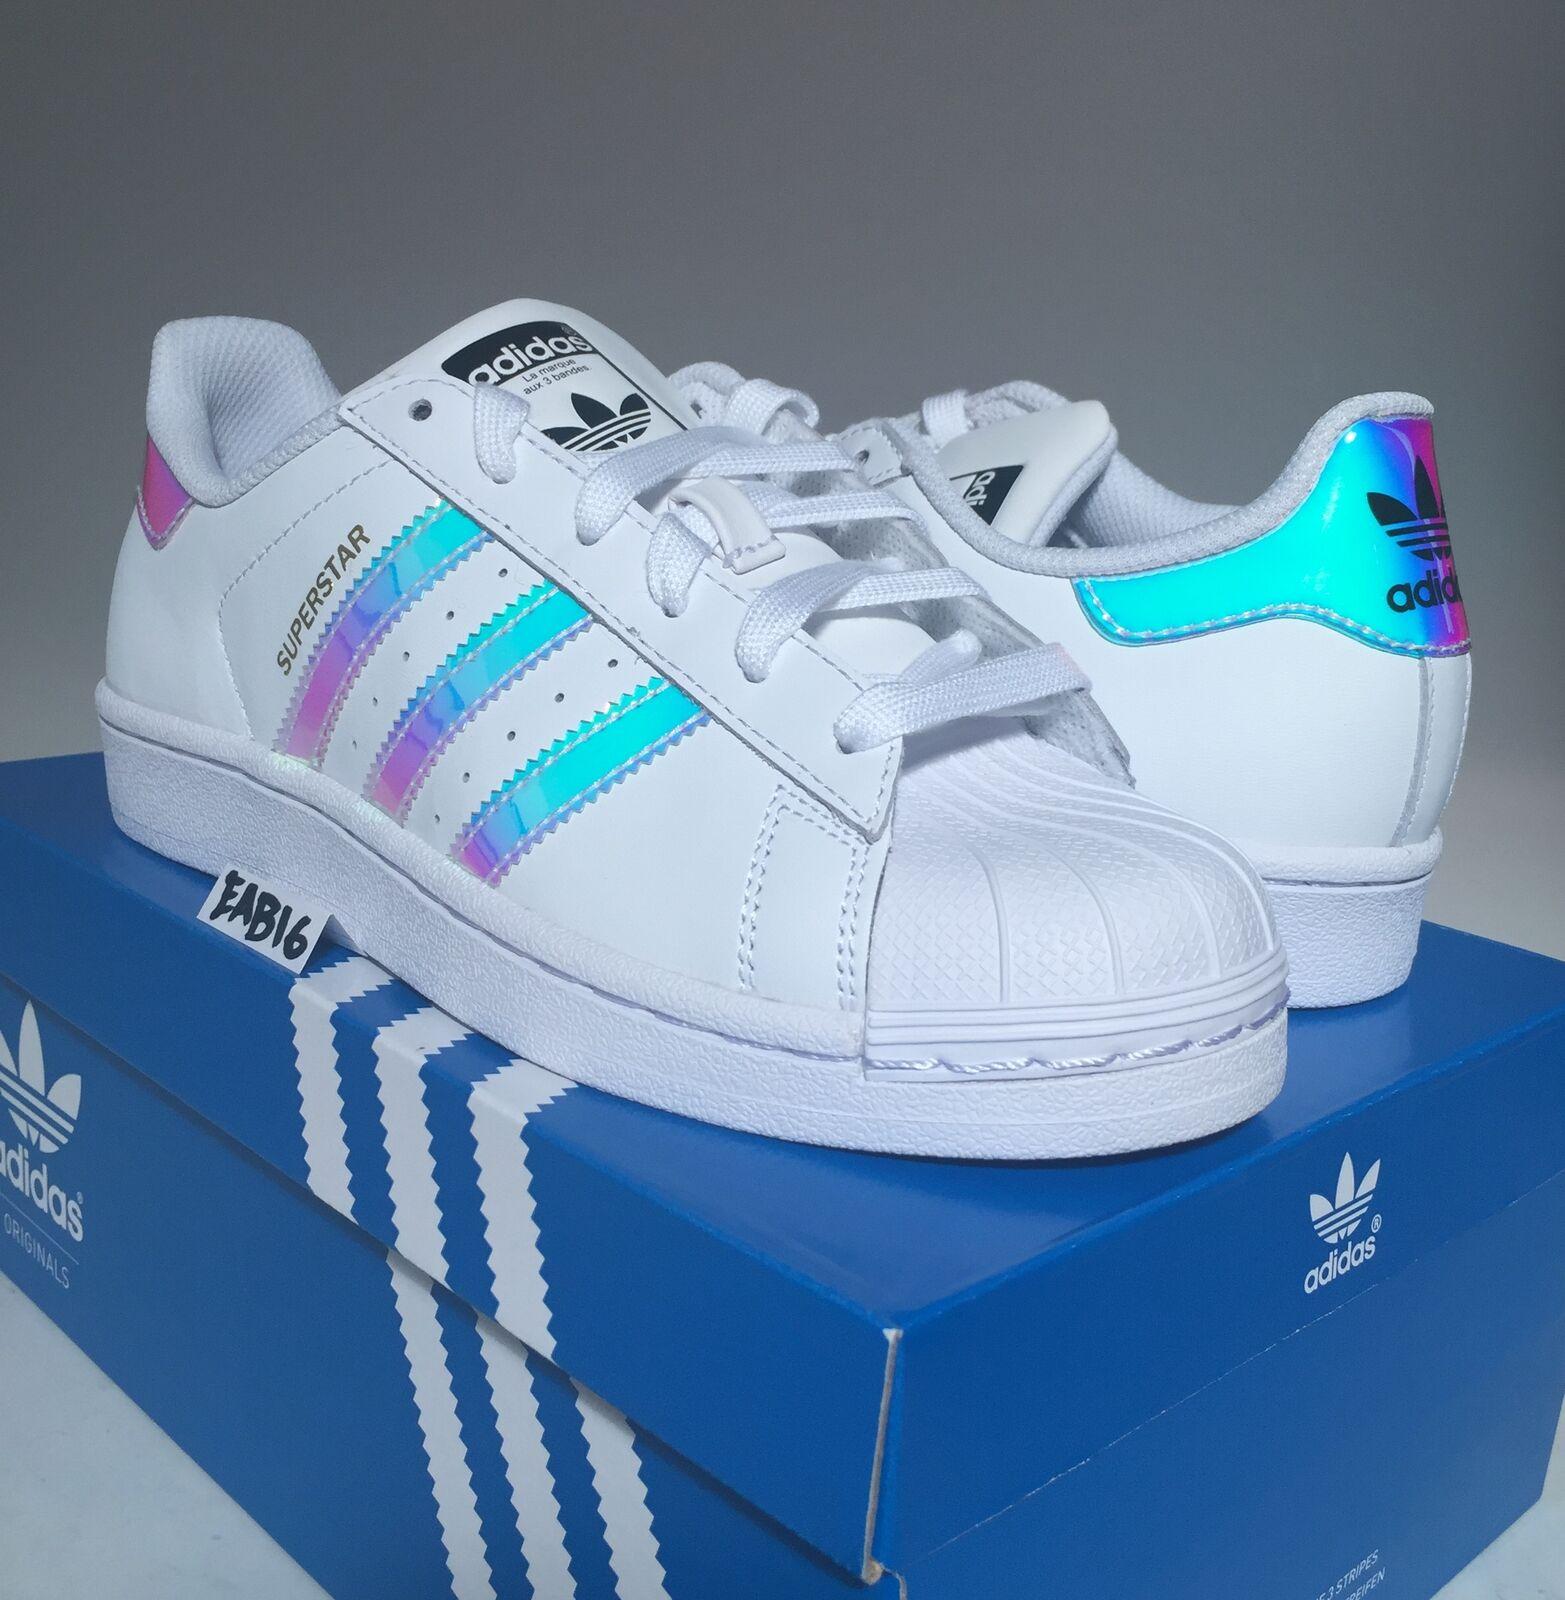 cheap for discount c5b71 21d41 Adidas superstar shell j junior iridescente ologramma gs aq6278 f shell  superstar tep db0e14